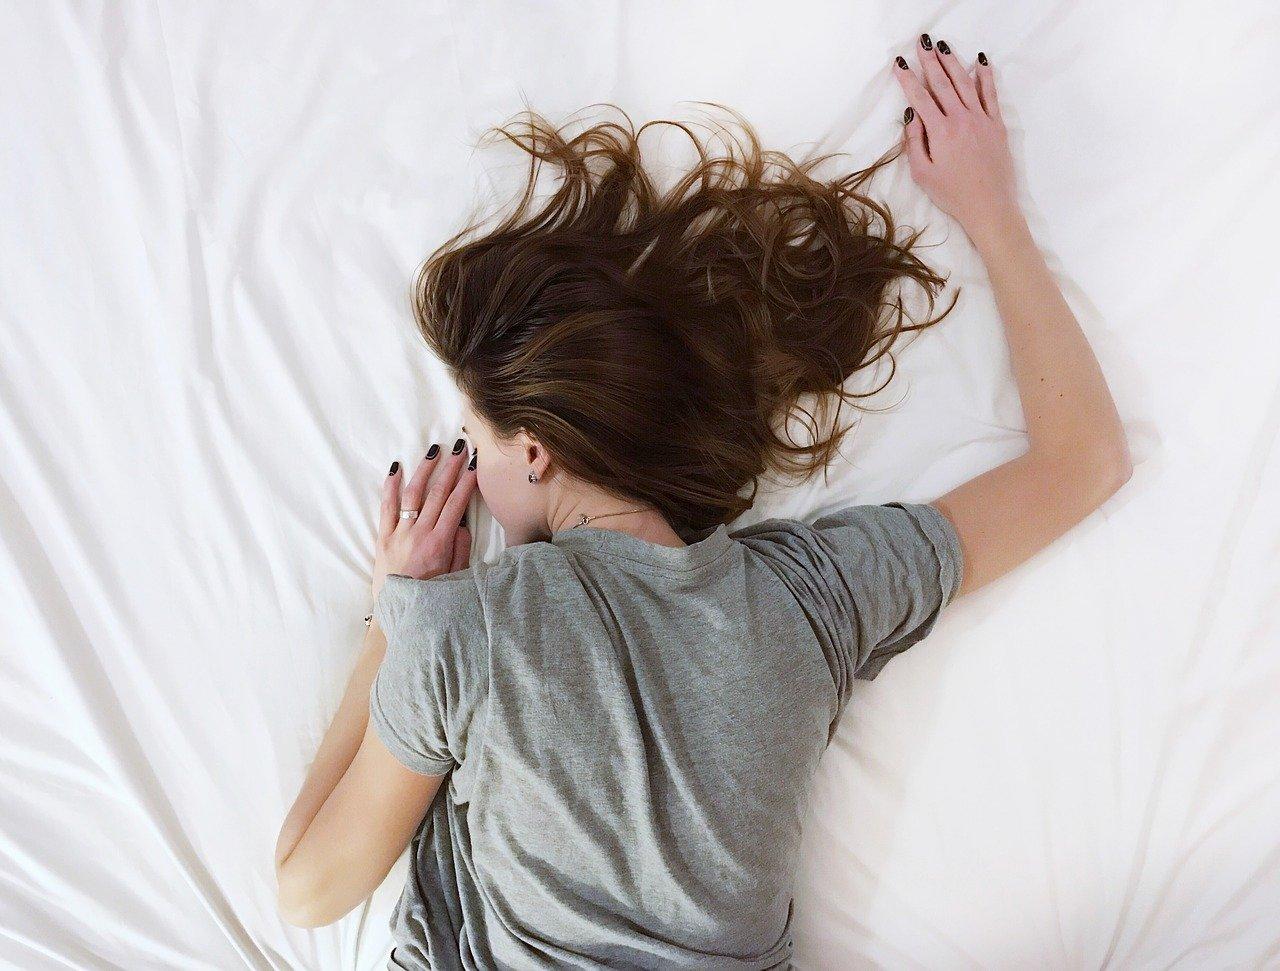 ベッドにうつぶせになる女性